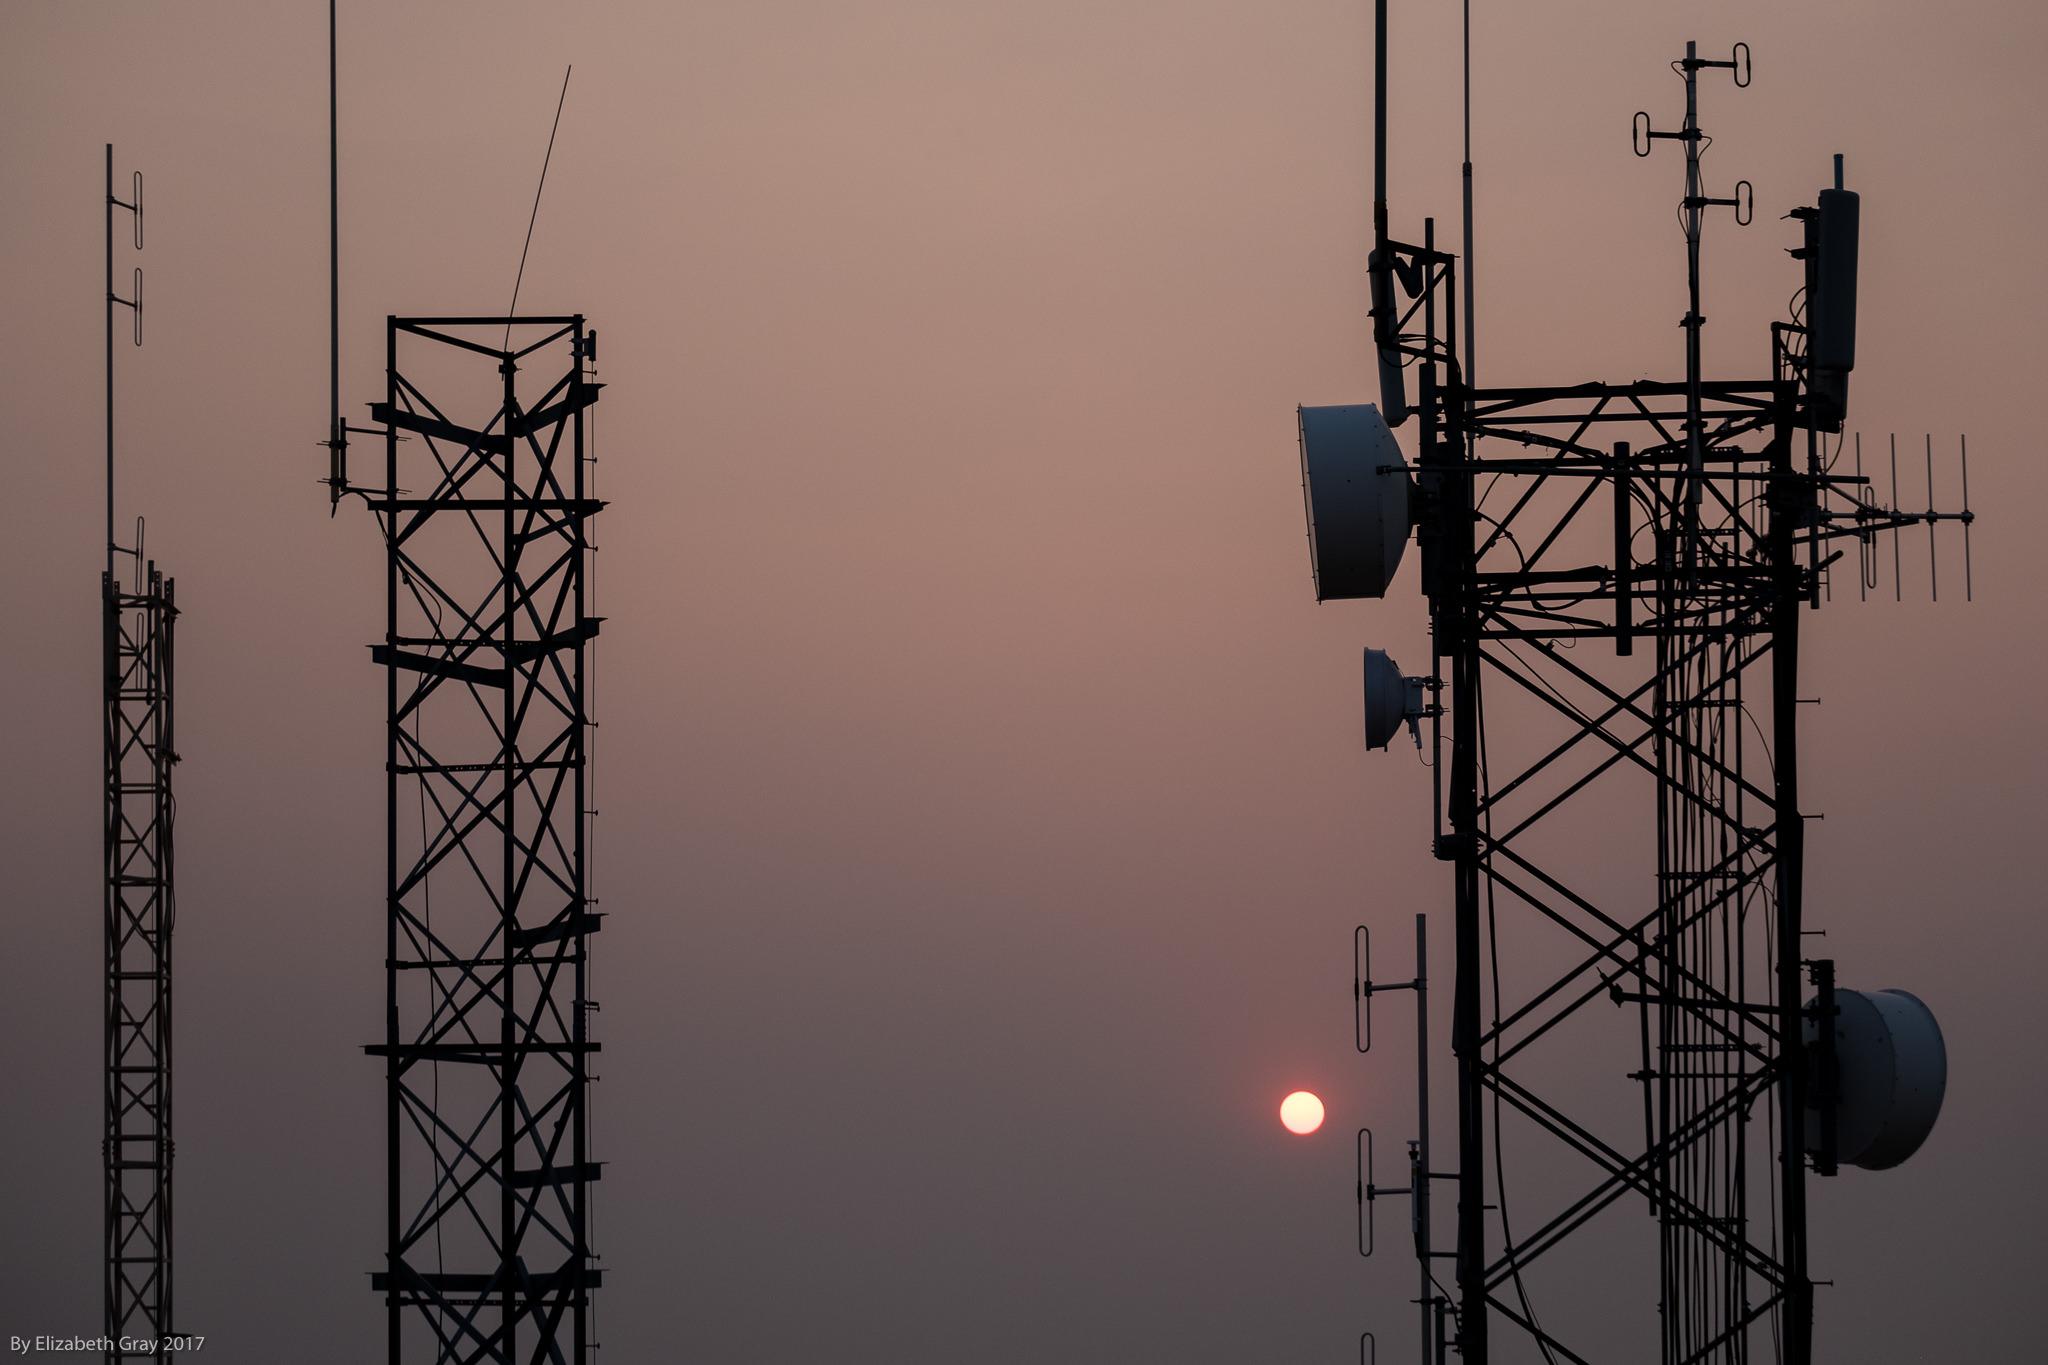 Sun and Antenna